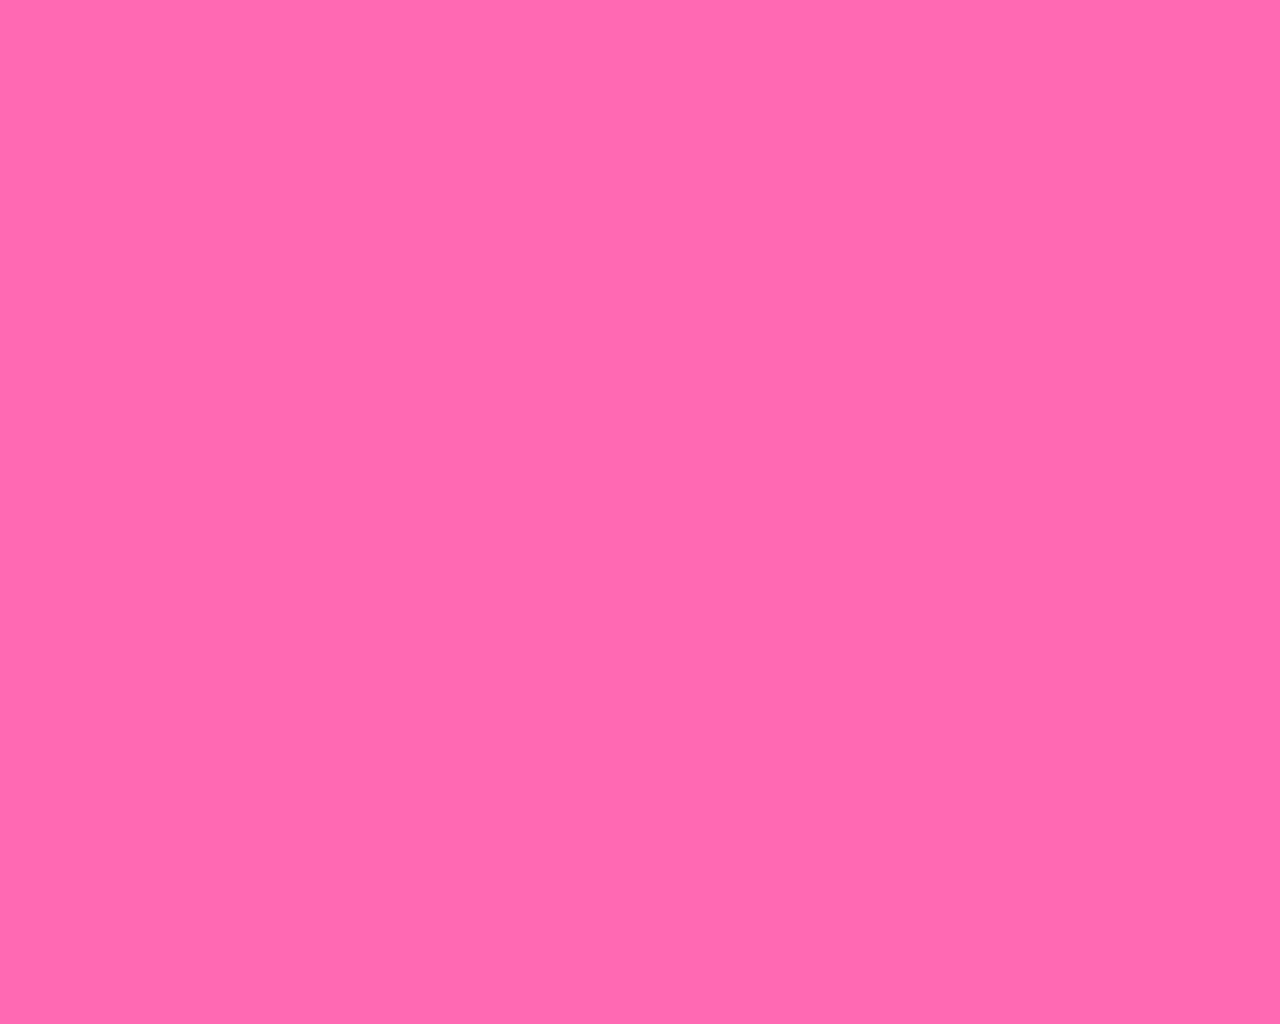 Hot Pink Wallpaper 15 Wide Wallpaper - Hdblackwallpaper.com